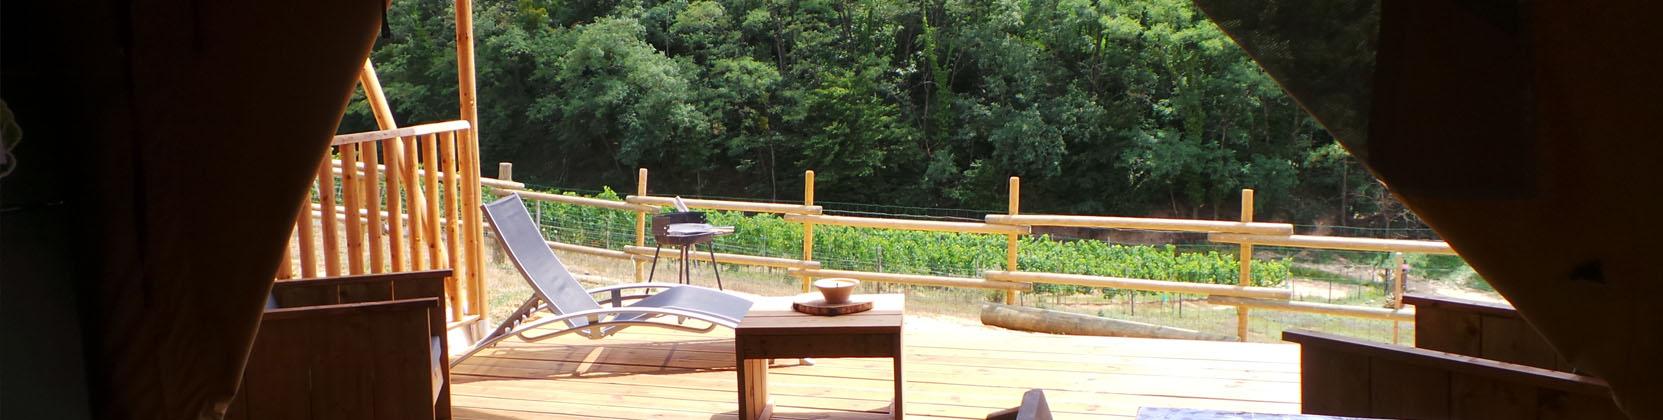 Lodge en pleine nature Retour aux Sources gironde location